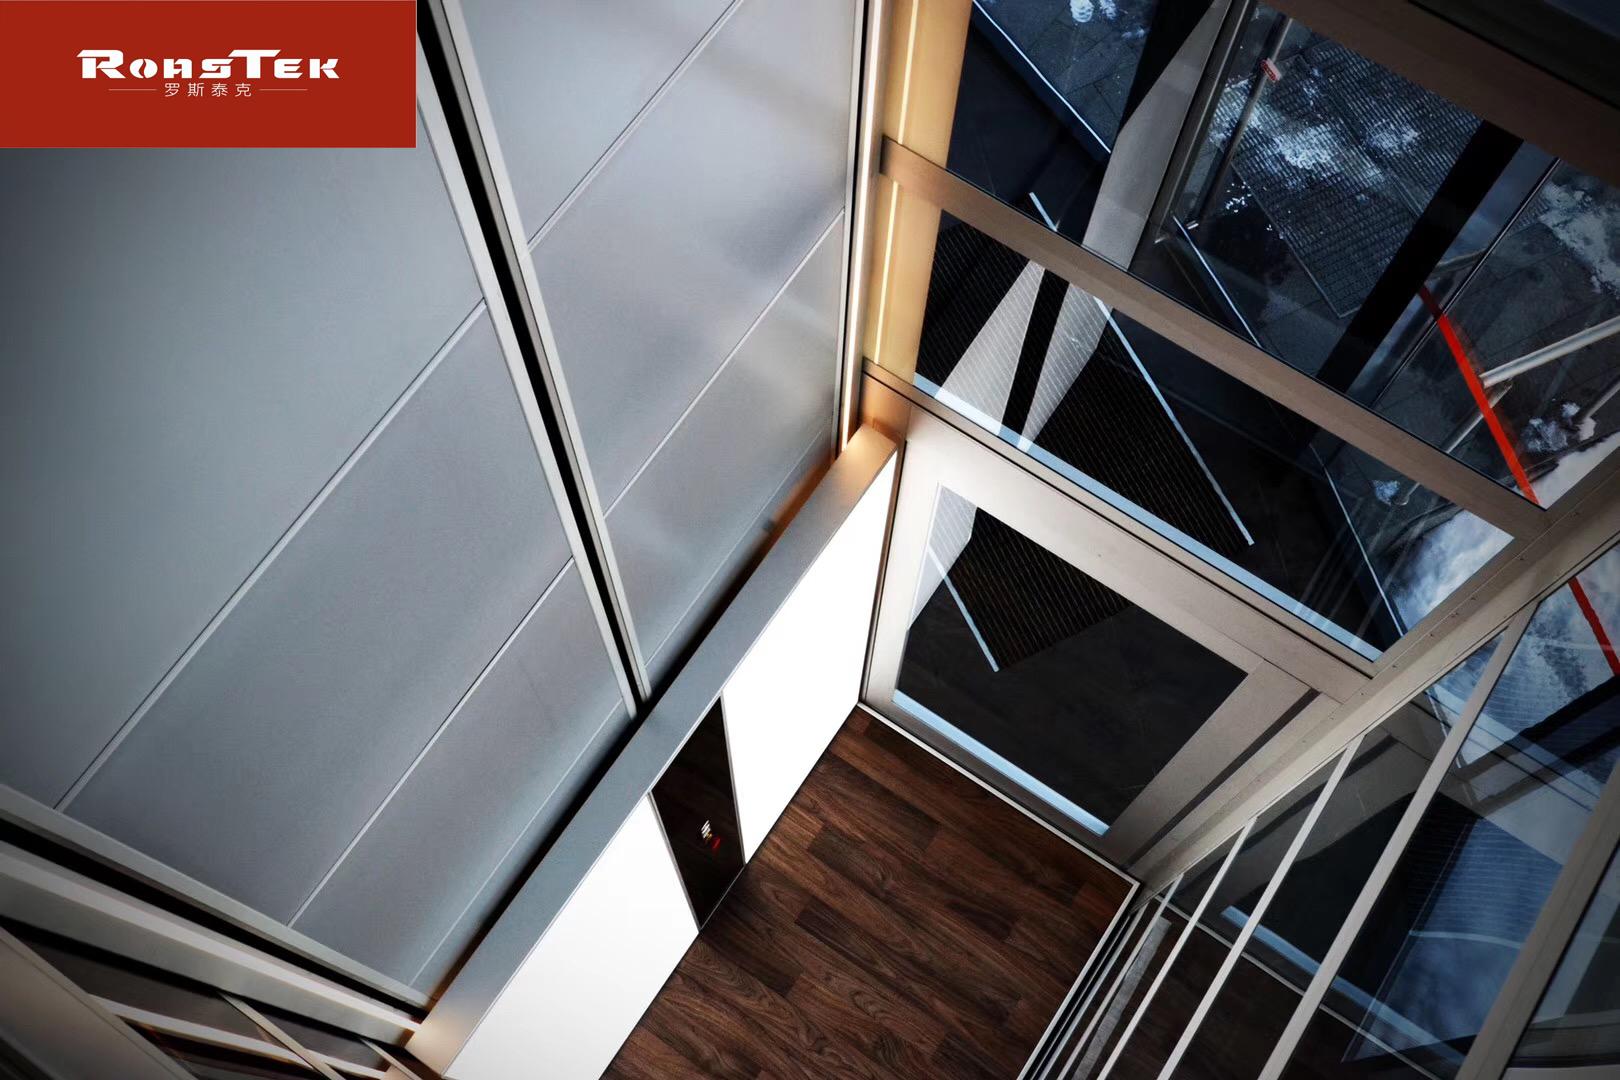 超高性价比的进口螺杆电梯,认准德国Roastek罗斯泰克